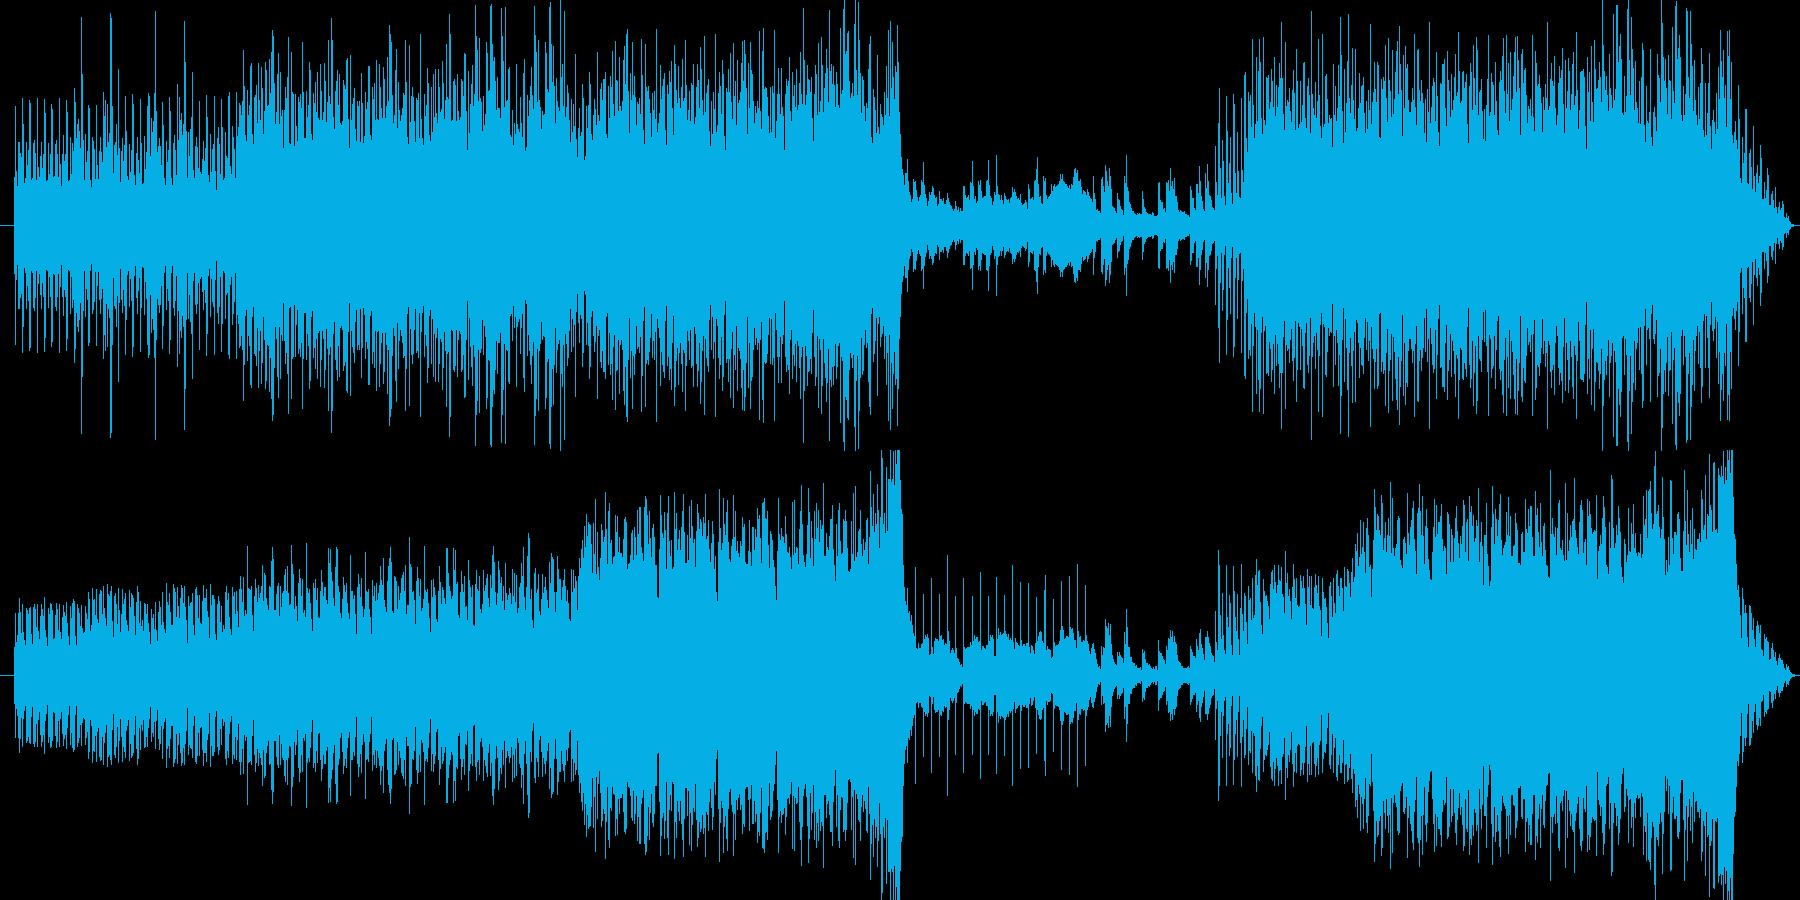 「ふるさと敬愛プロジェクト」で登録した…の再生済みの波形